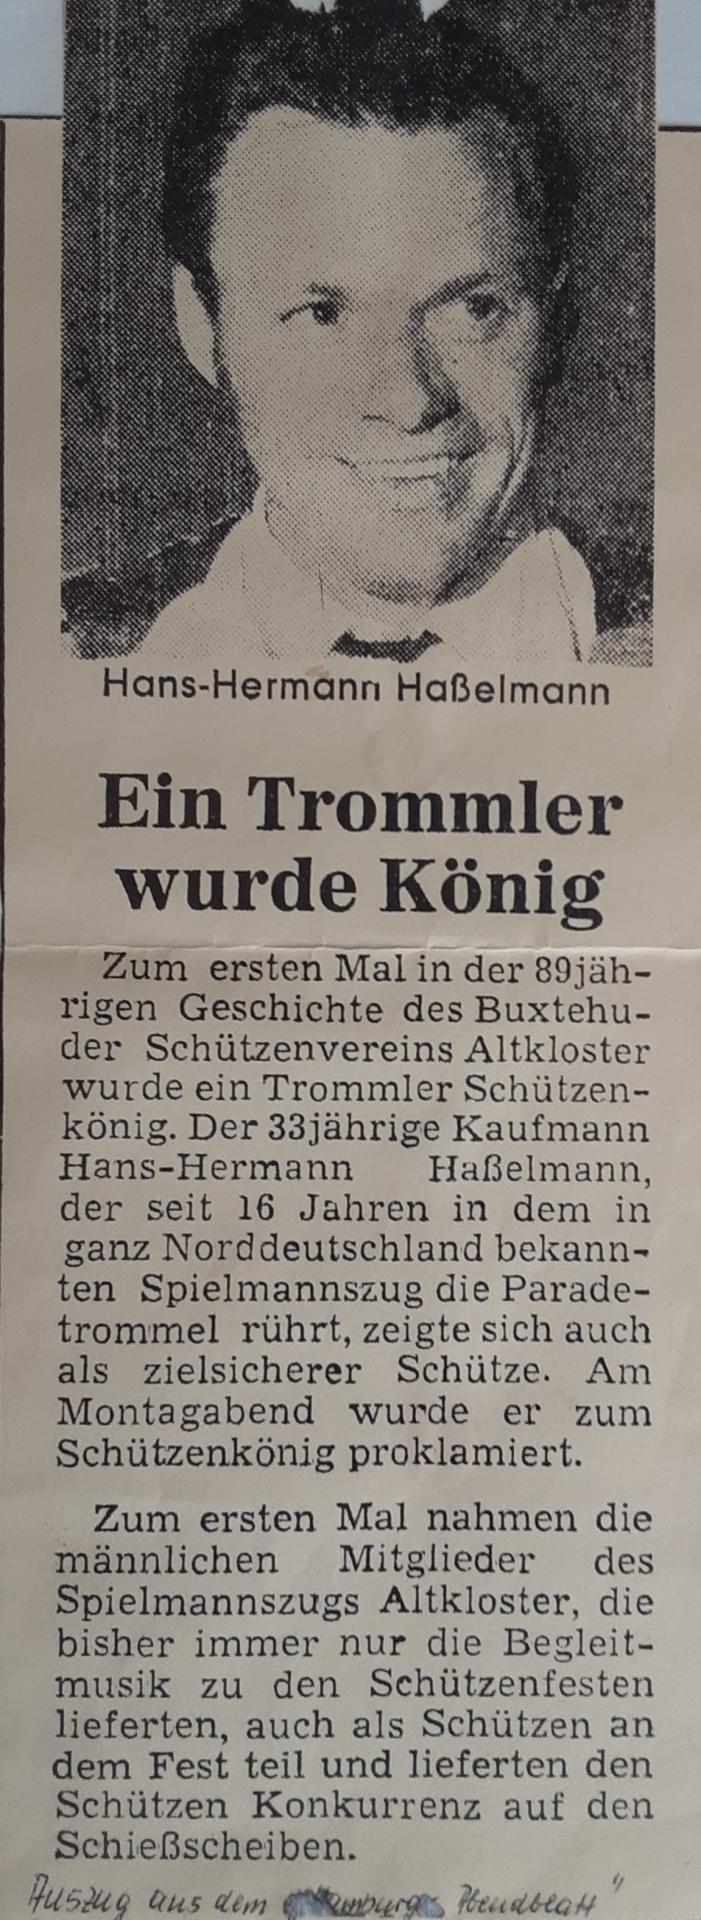 Der erste Schwarz-Weiße König > Hans-Hermann Haßelmann